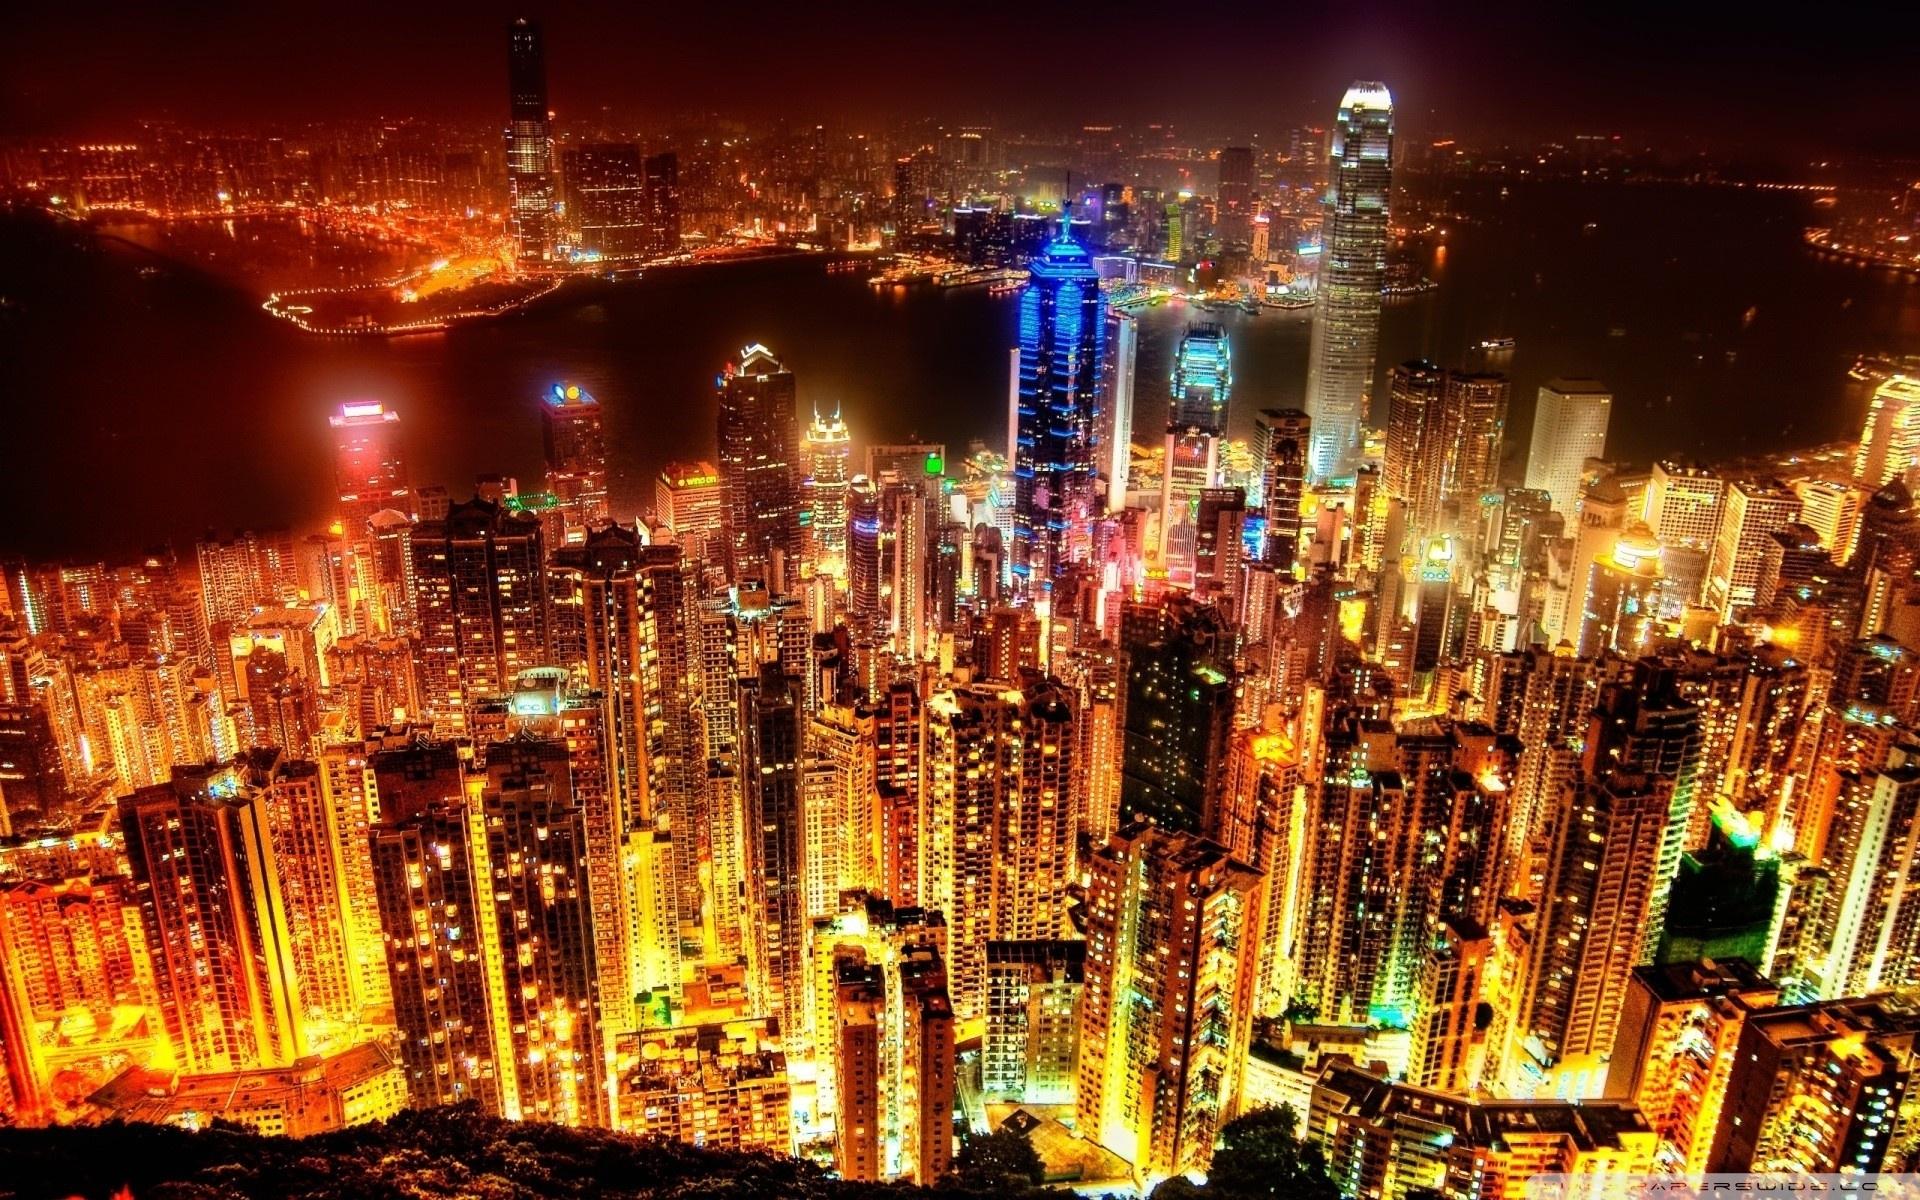 city lights ❤ 4k hd desktop wallpaper for 4k ultra hd tv • tablet